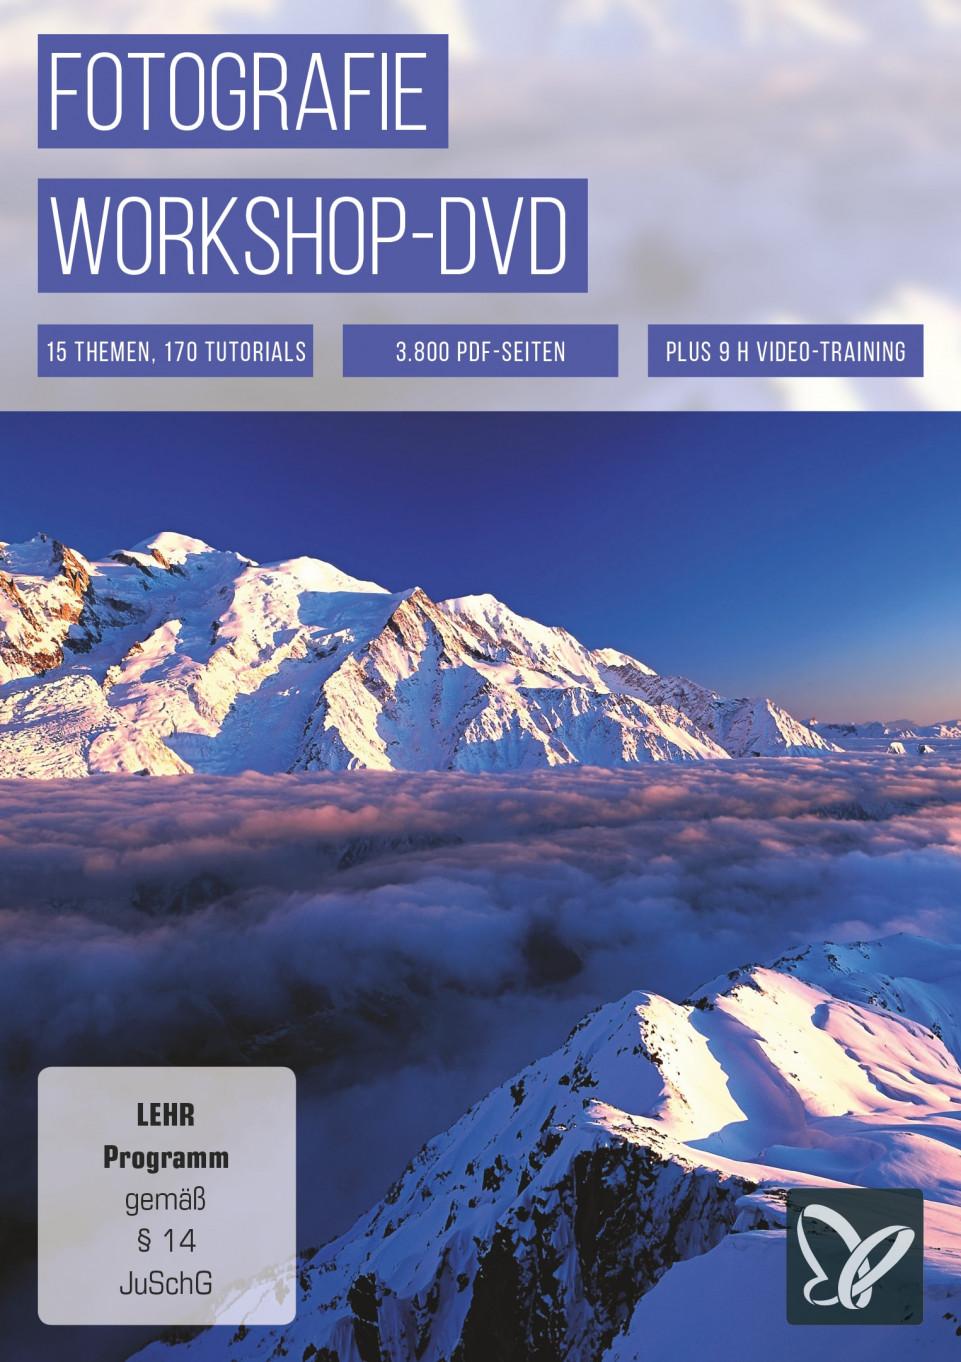 Der große Fotografie-Workshop